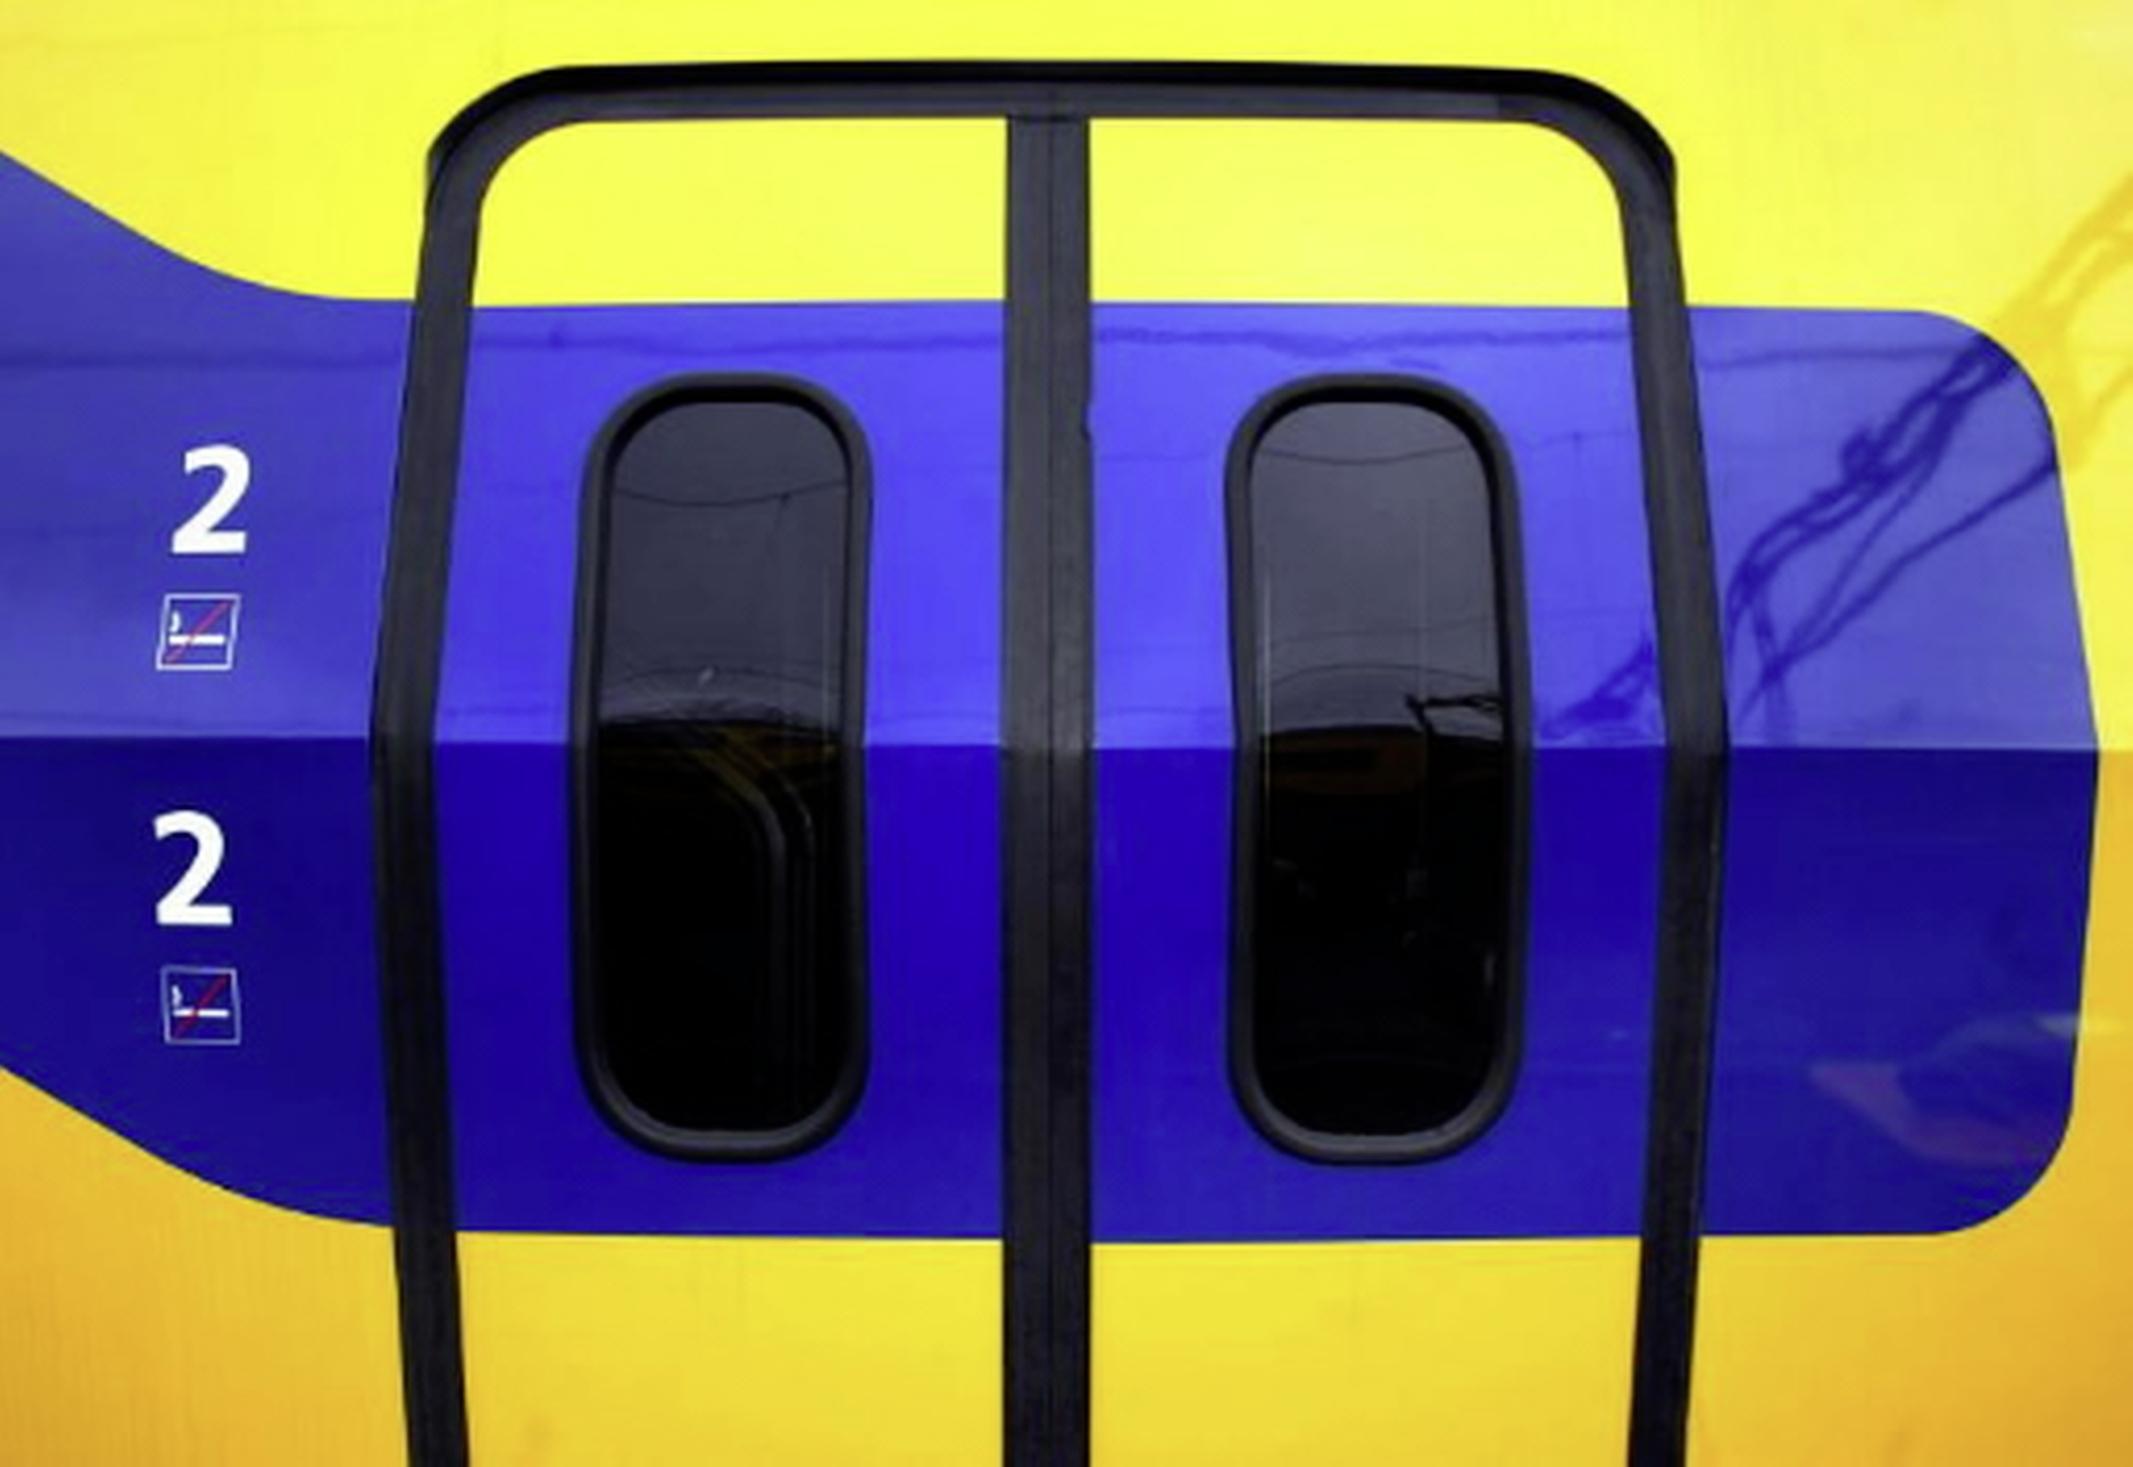 Meer treinen op Kennemerlijn: Intercity's in spits straks ook 'andere kant op' tussen Haarlem en Alkmaar